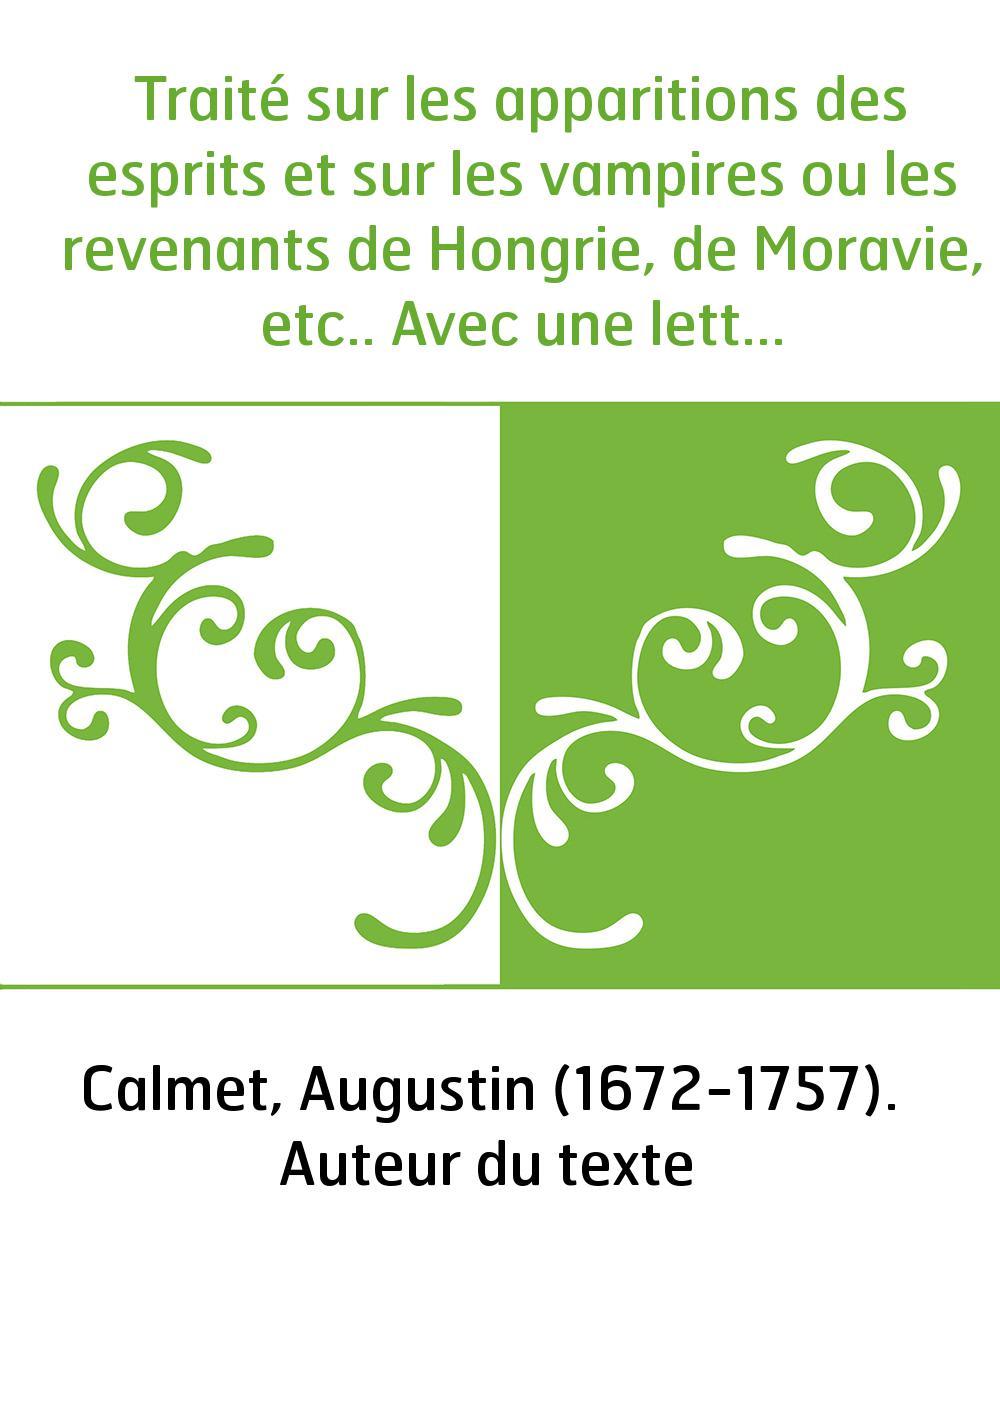 Traité sur les apparitions des esprits et sur les vampires ou les revenants de Hongrie, de Moravie, etc.. Avec une lettre de M.